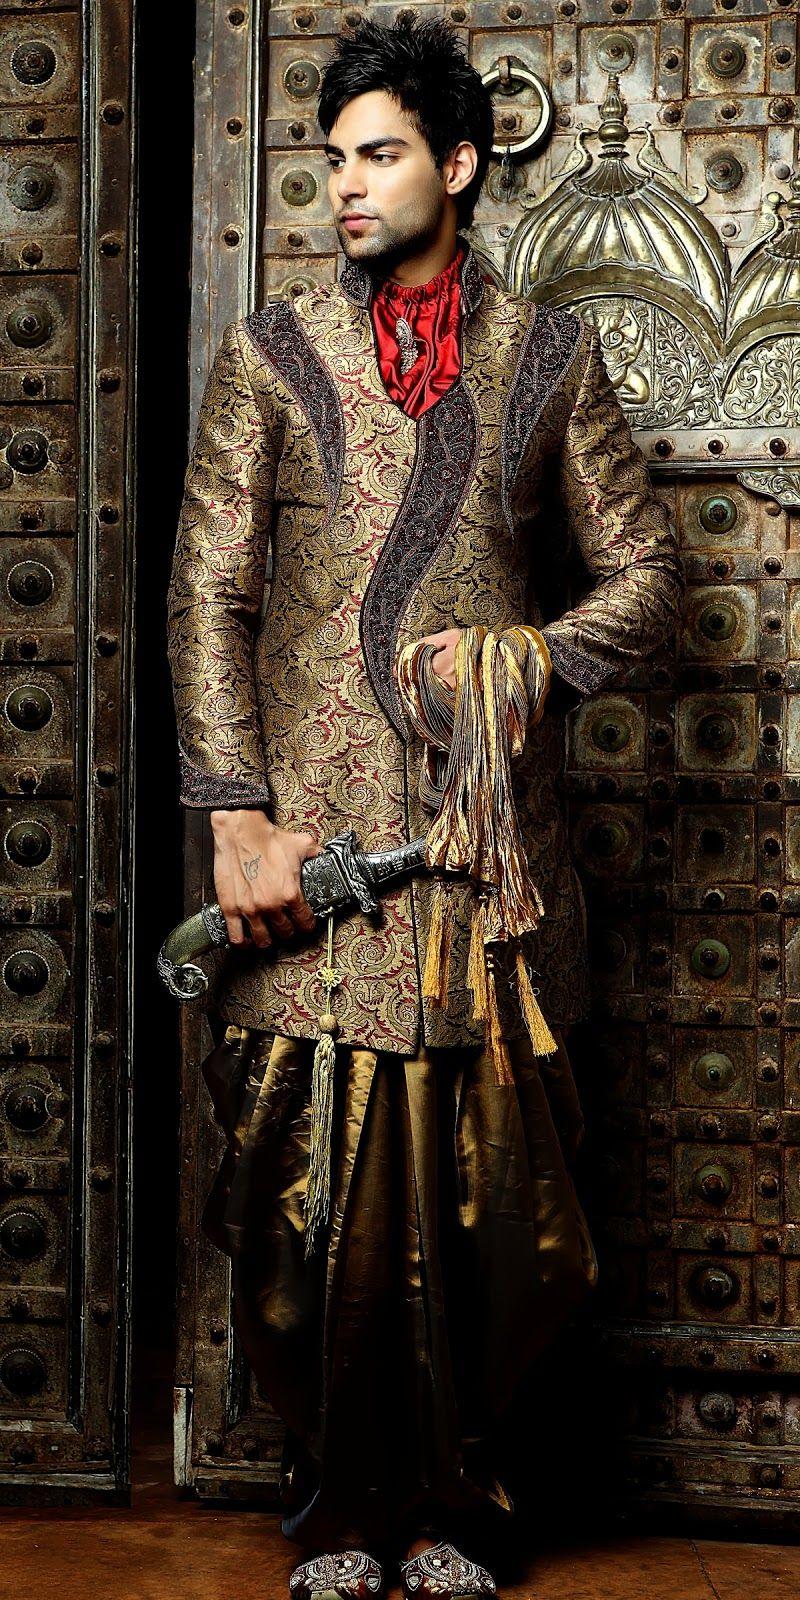 wedding dhoti pants for men Google Search Indian men